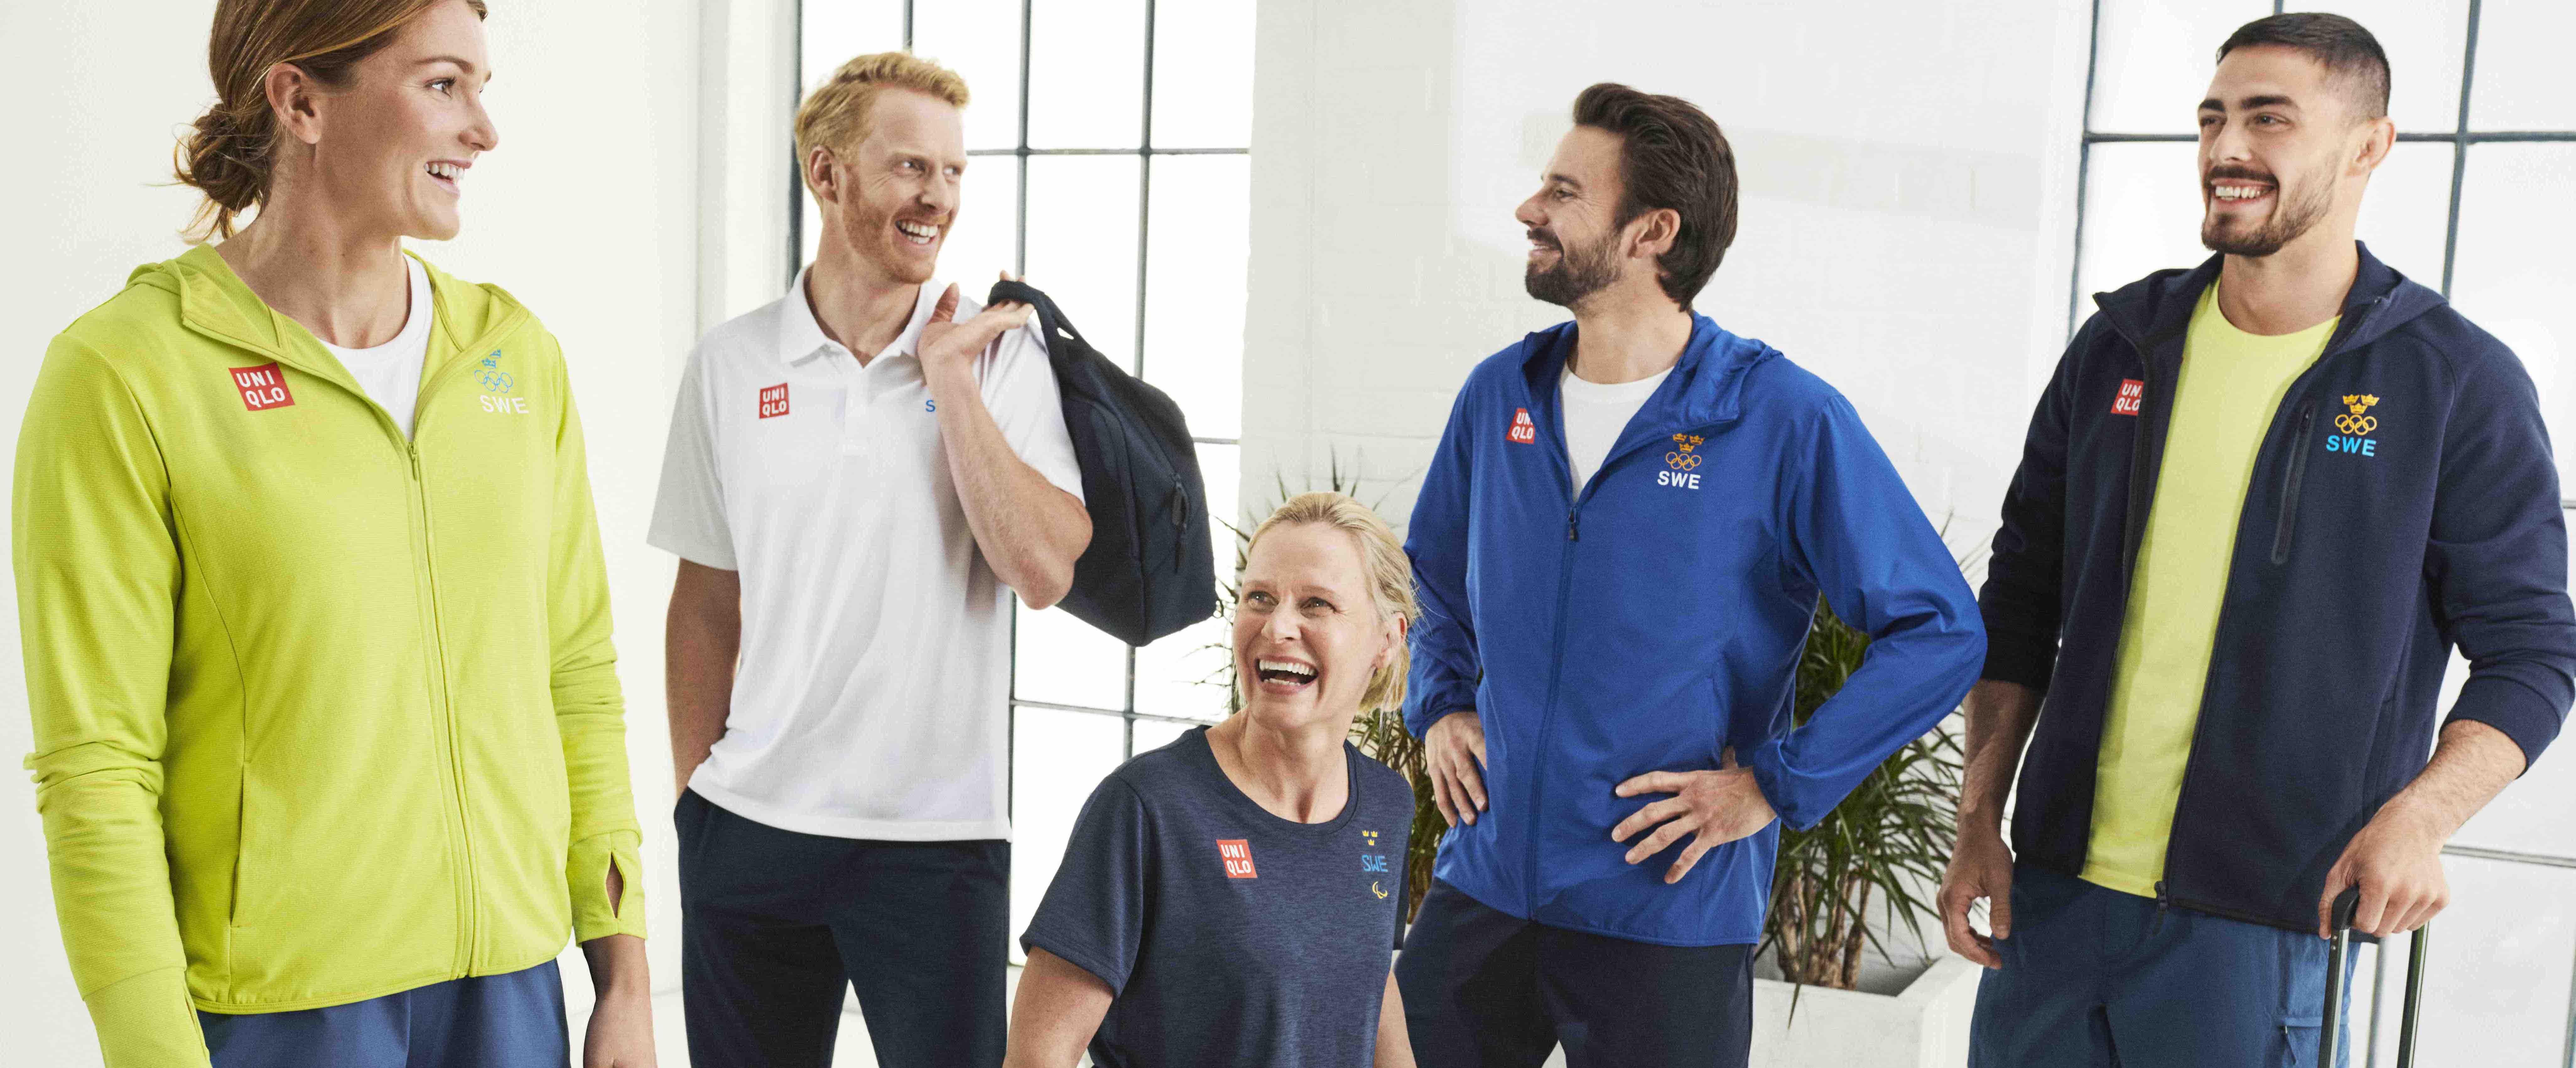 Uniqlo släpper en olympisk och paralympisk kollektion exklusivt för Sverige